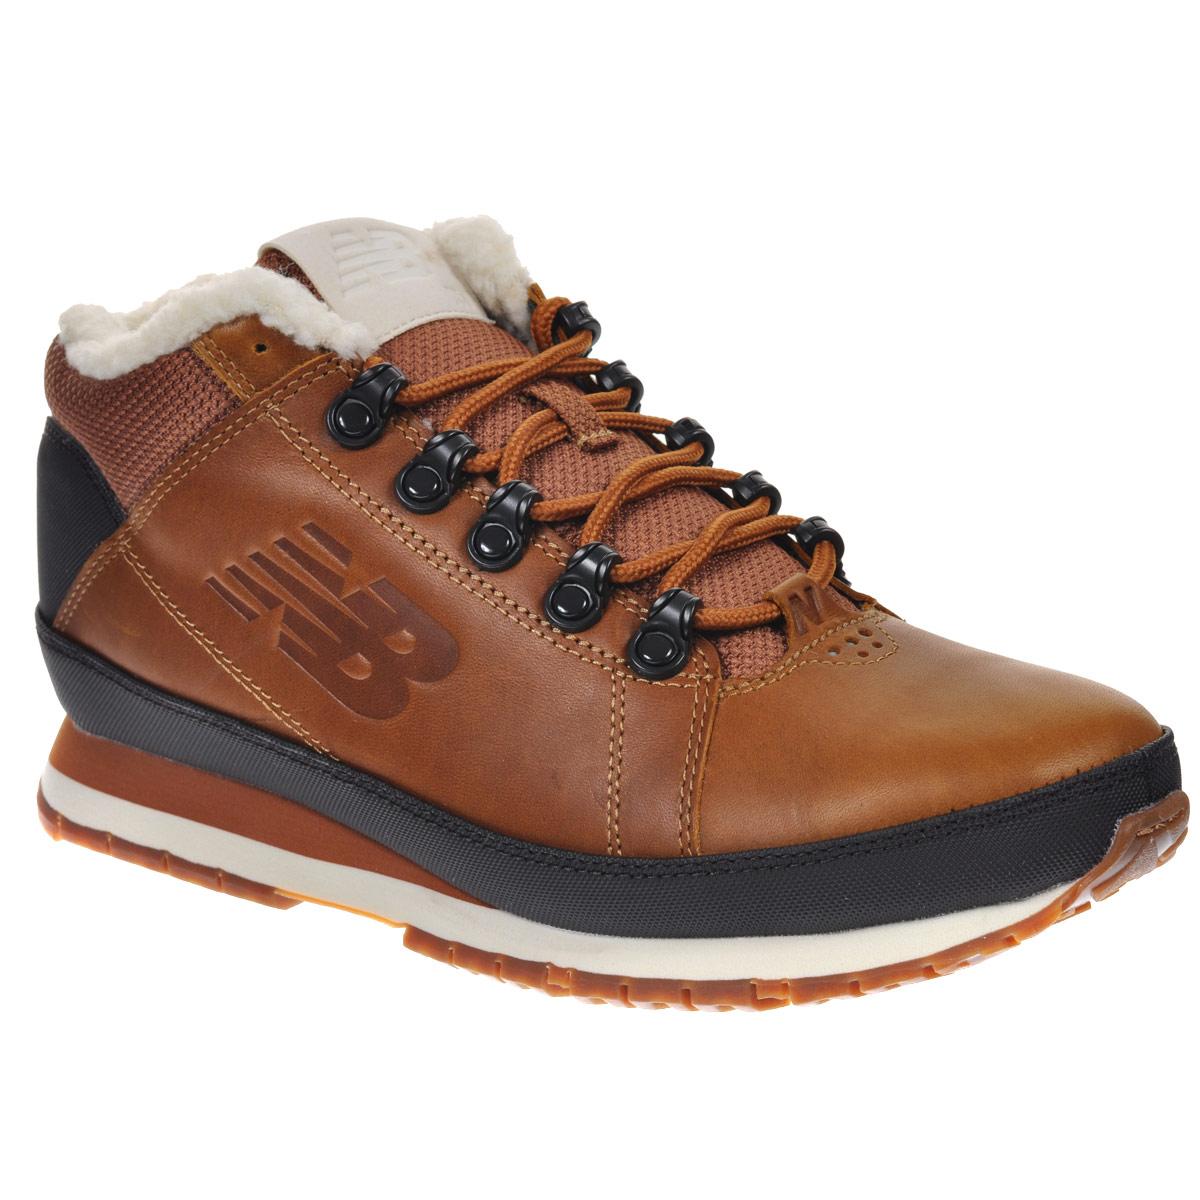 Ботинки мужские New Balance, цвет: коричневый. H754LFT/D. Размер 10 (44)H754LFT/DТеплые мужские ботинки New Balance прекрасно подойдут для активных людей, предпочитающих спортивный стиль. Верх модели выполнен из натуральной кожи со вставками из прочного нейлона. Подкладка выполнена из натурального меха, благодаря чему эта модель отлично сохраняет тепло и создает прекрасный микроклимат внутри обуви. Модель оформлена вставками контрастного цвета, по бокам и на язычке тиснением в виде фирменного логотипа бренда, а на пятке надписью New Balance. Удобная шнуровка надежно фиксирует модель на стопе. Подошва с рельефным протектором обеспечивает идеальное сцепление с различными поверхностями.В таких ботинках вашим ногам будет комфортно и уютно.